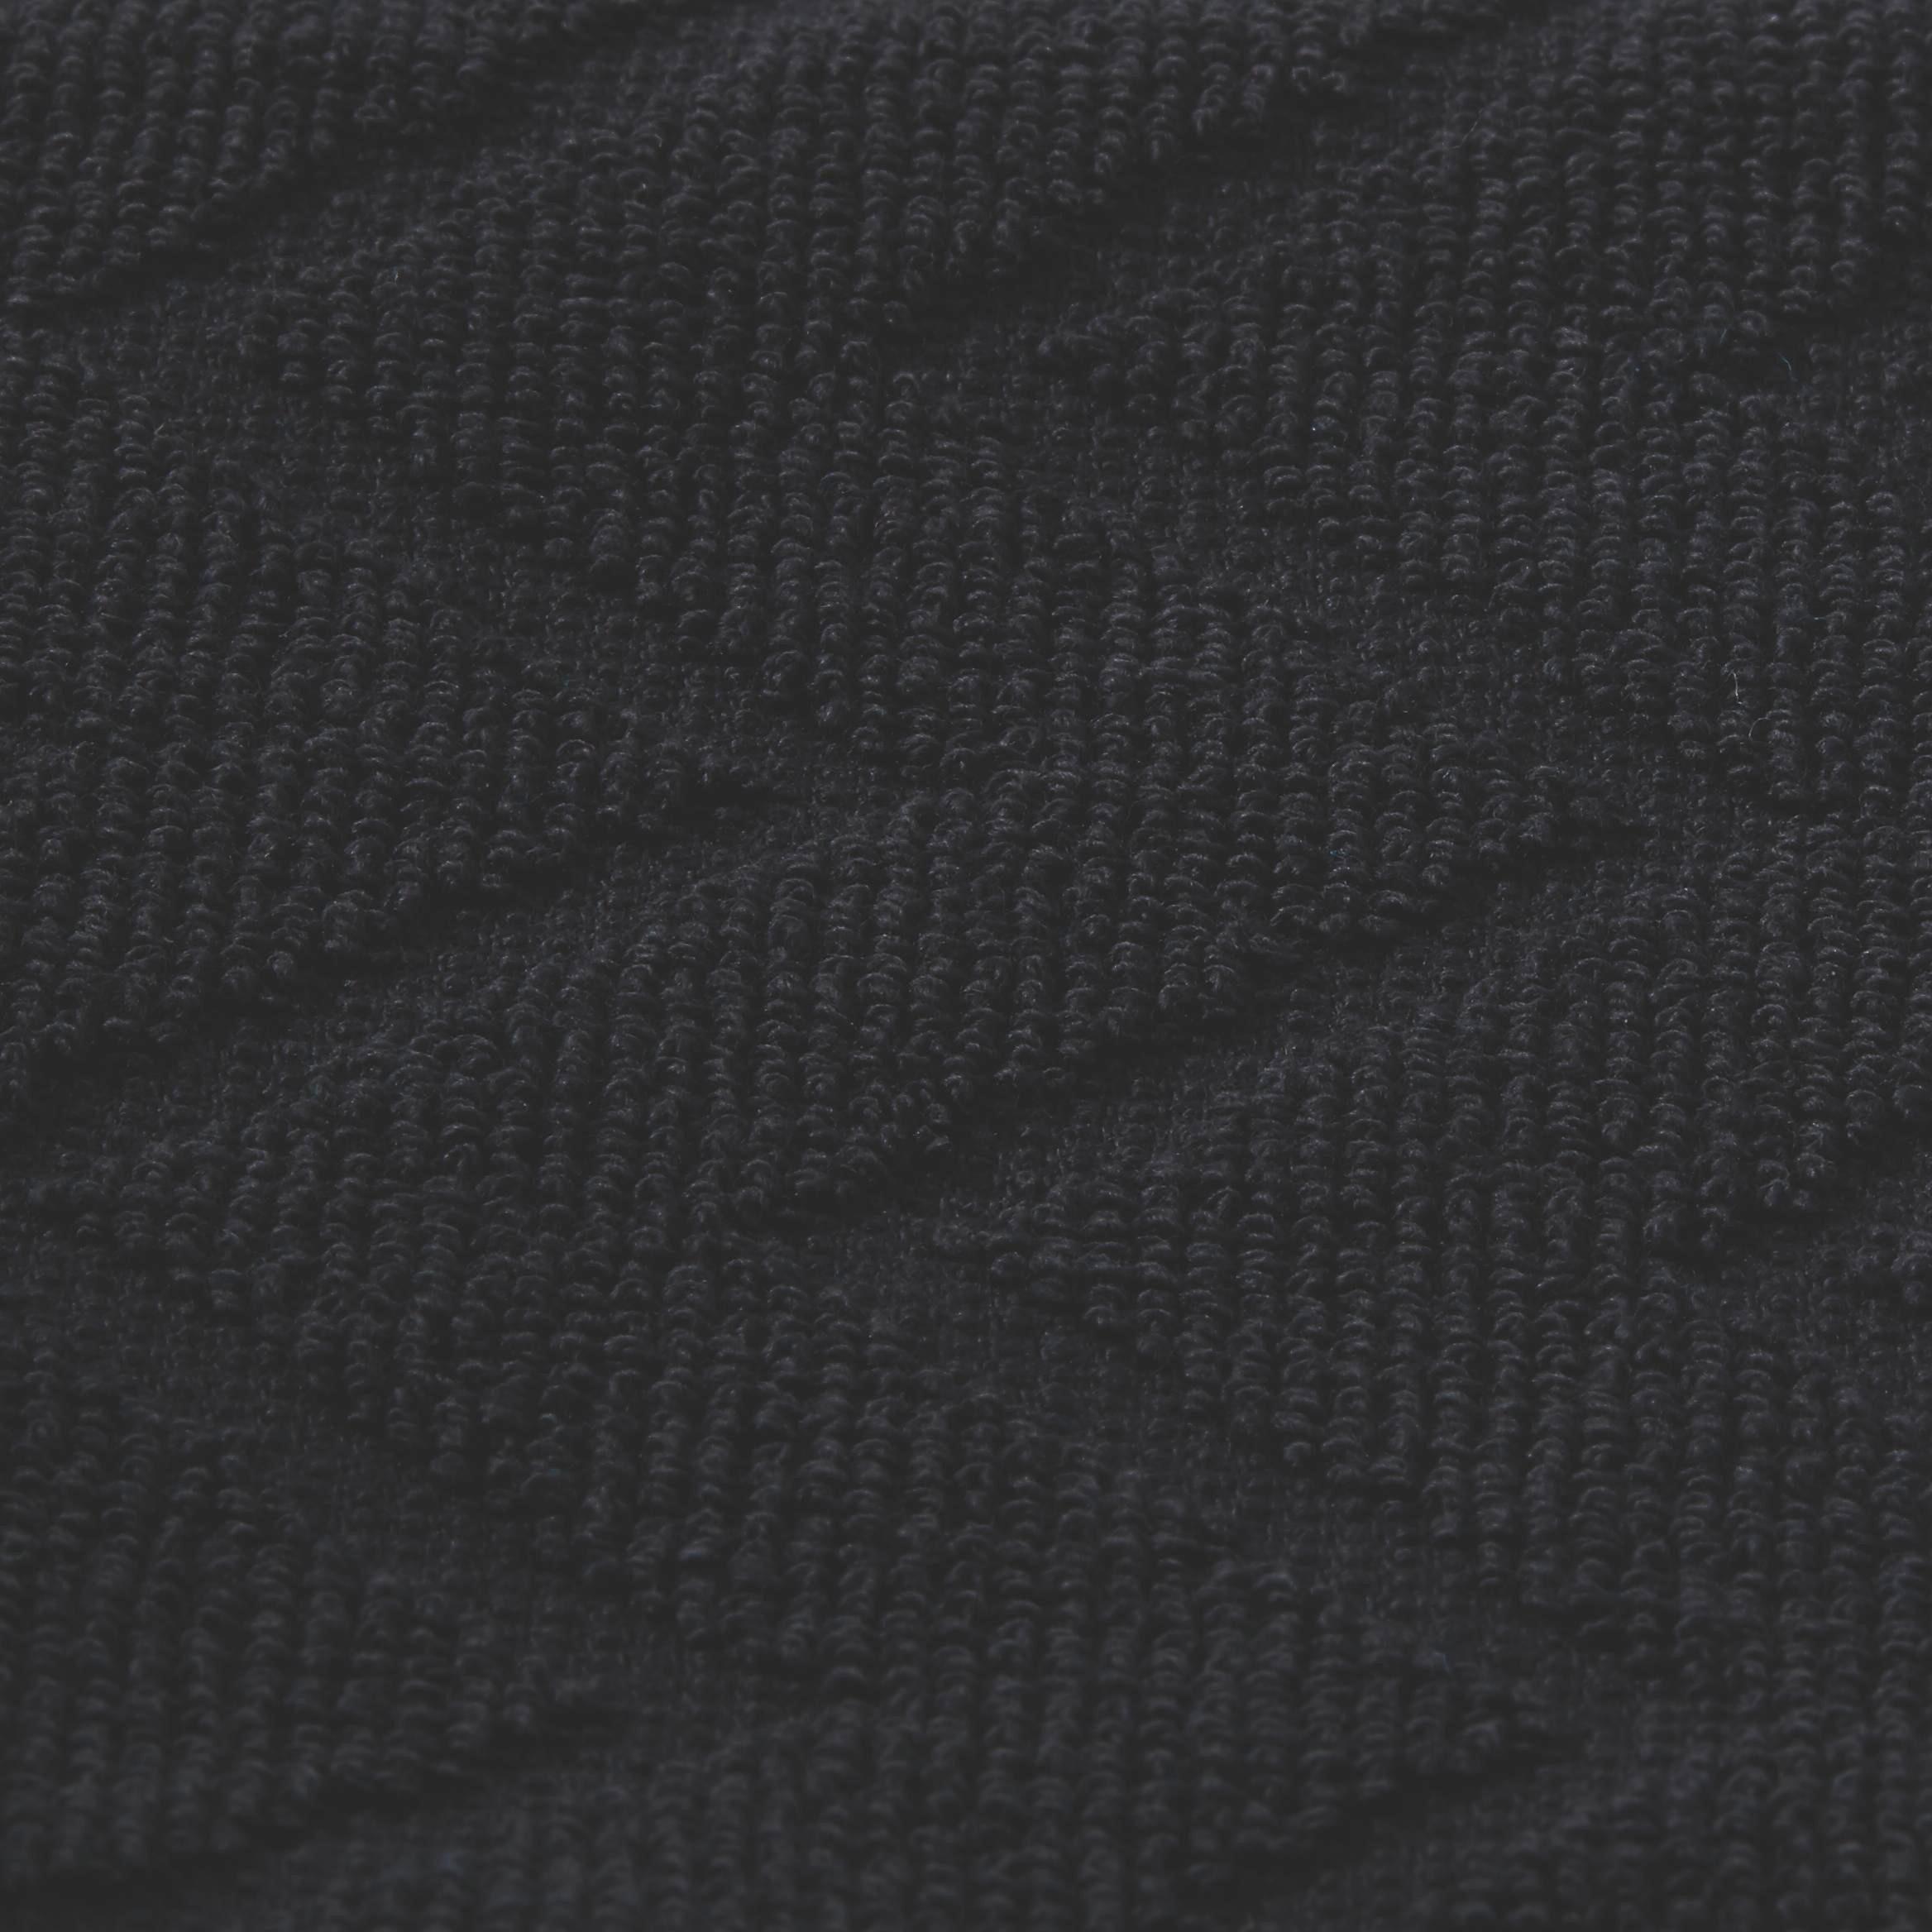 Handtuch Peter in Schwarz - Schwarz, Textil (50/100cm) - MÖMAX modern living